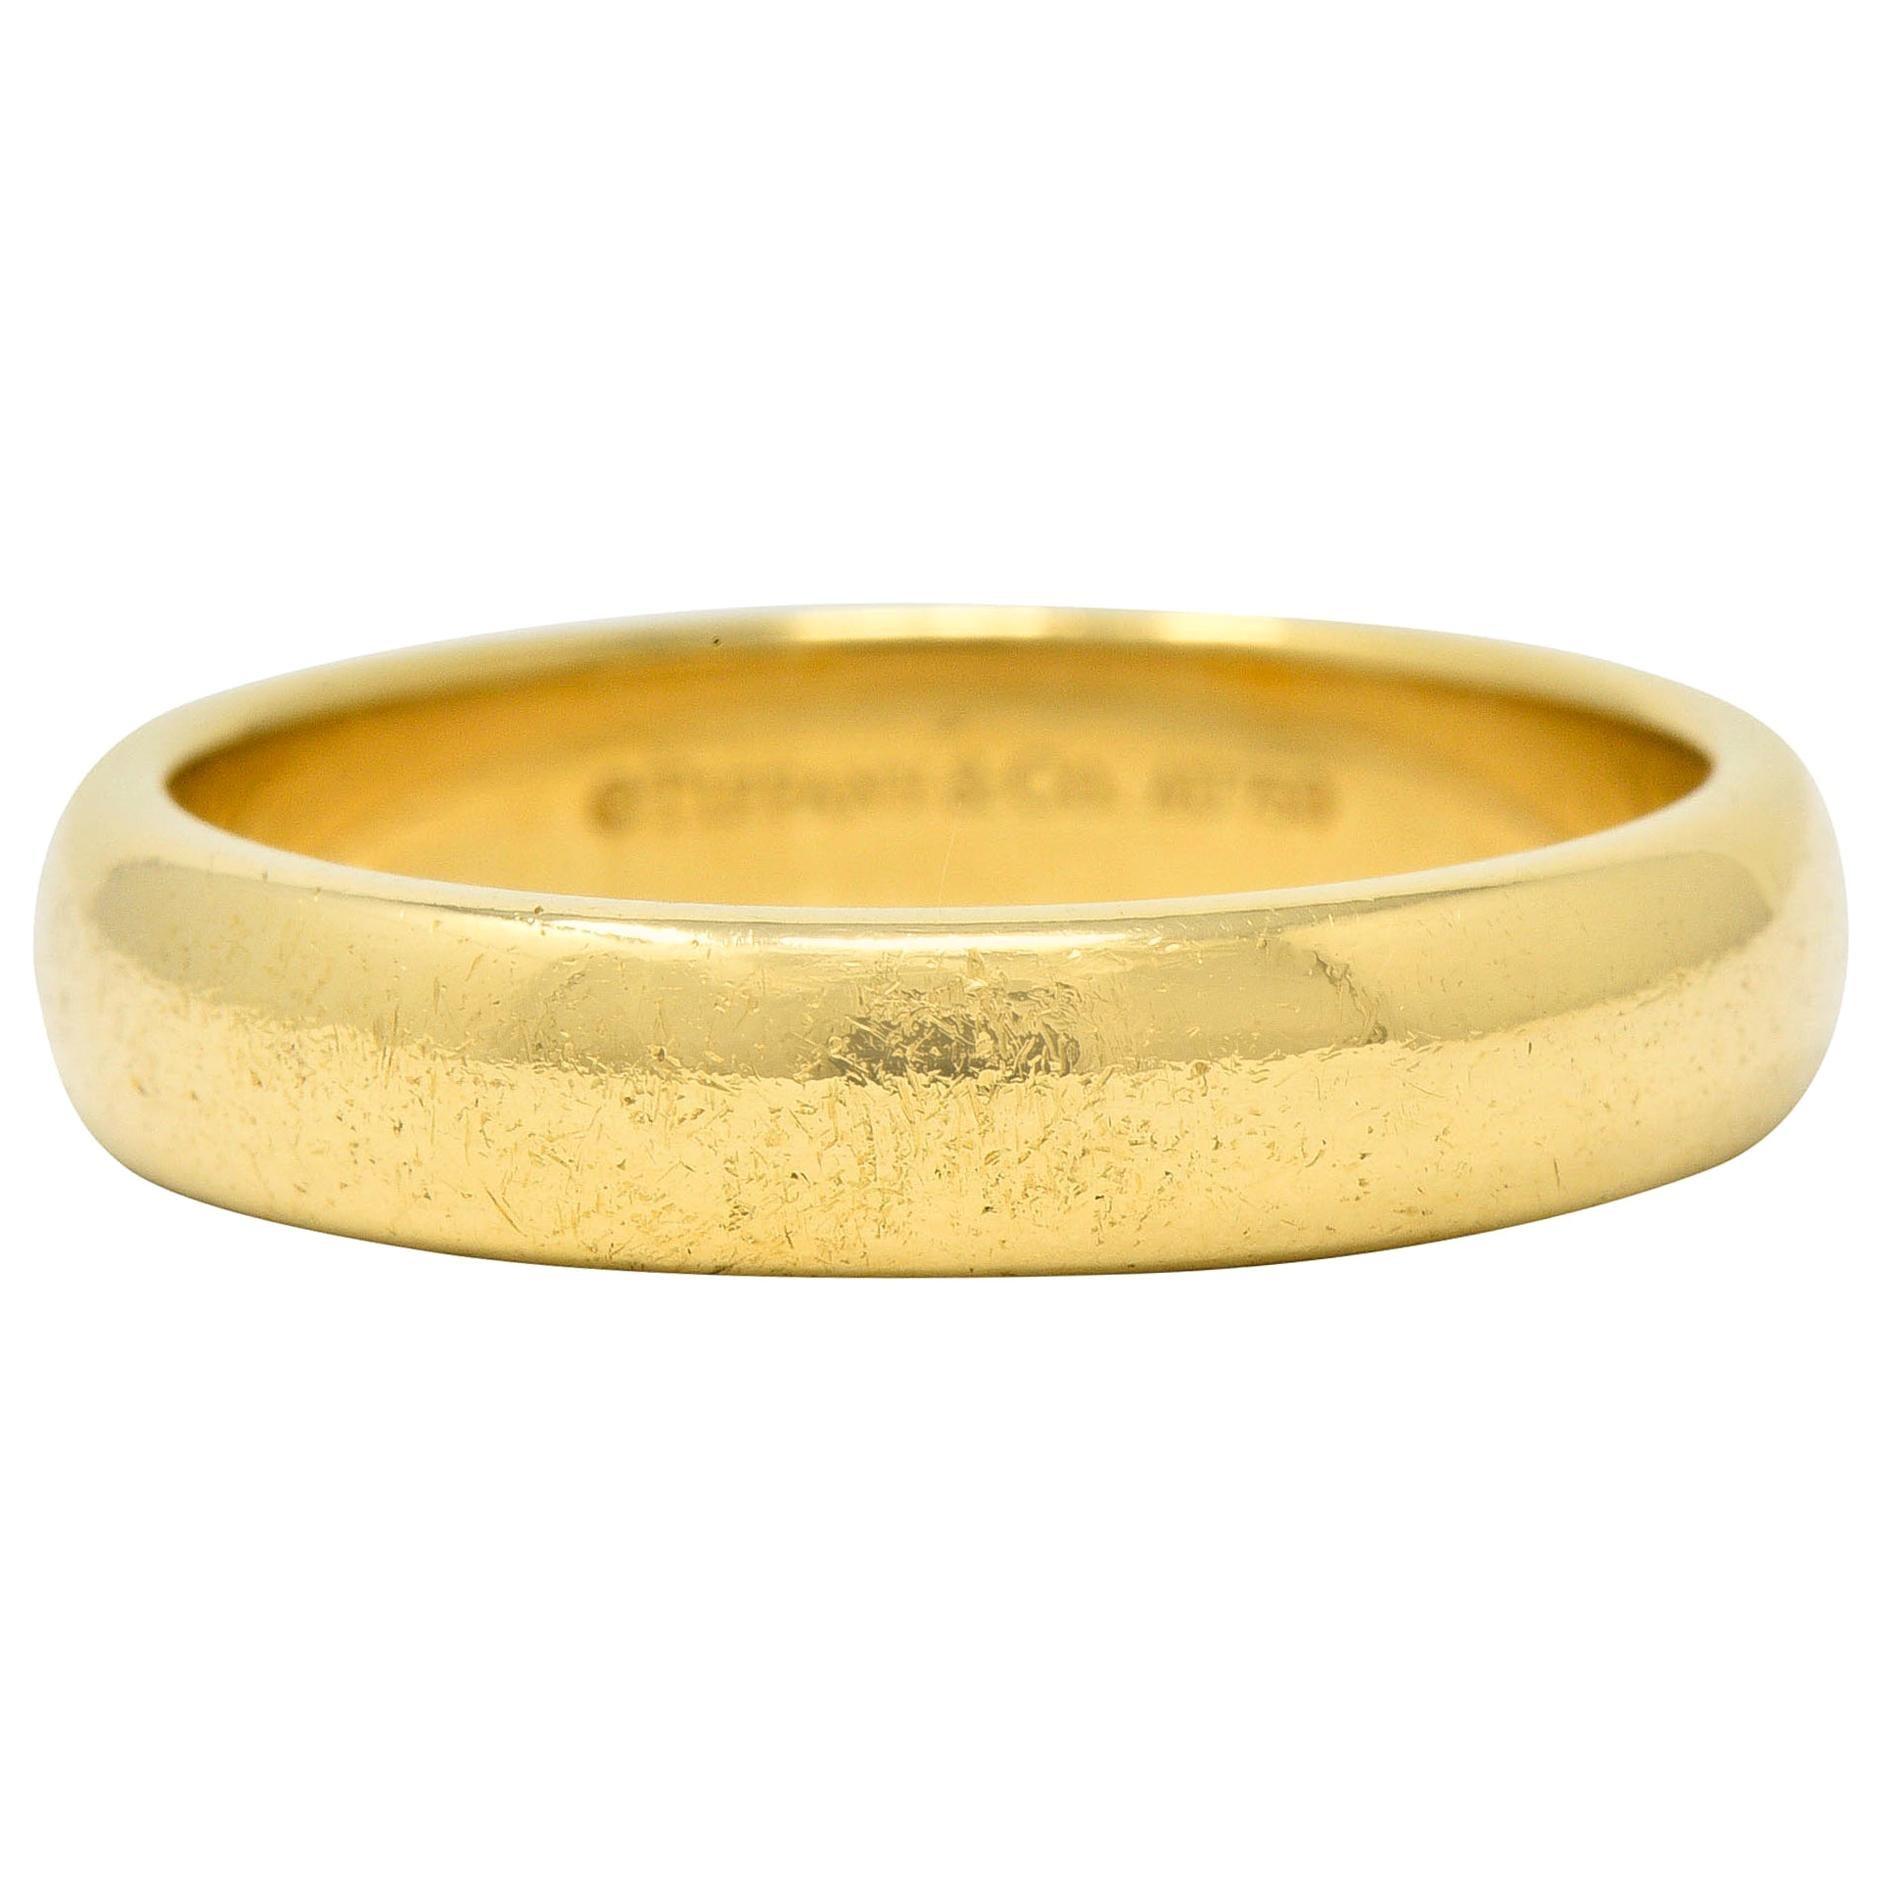 Tiffany & Co. 18 Karat Gold Men's Wedding Band Ring